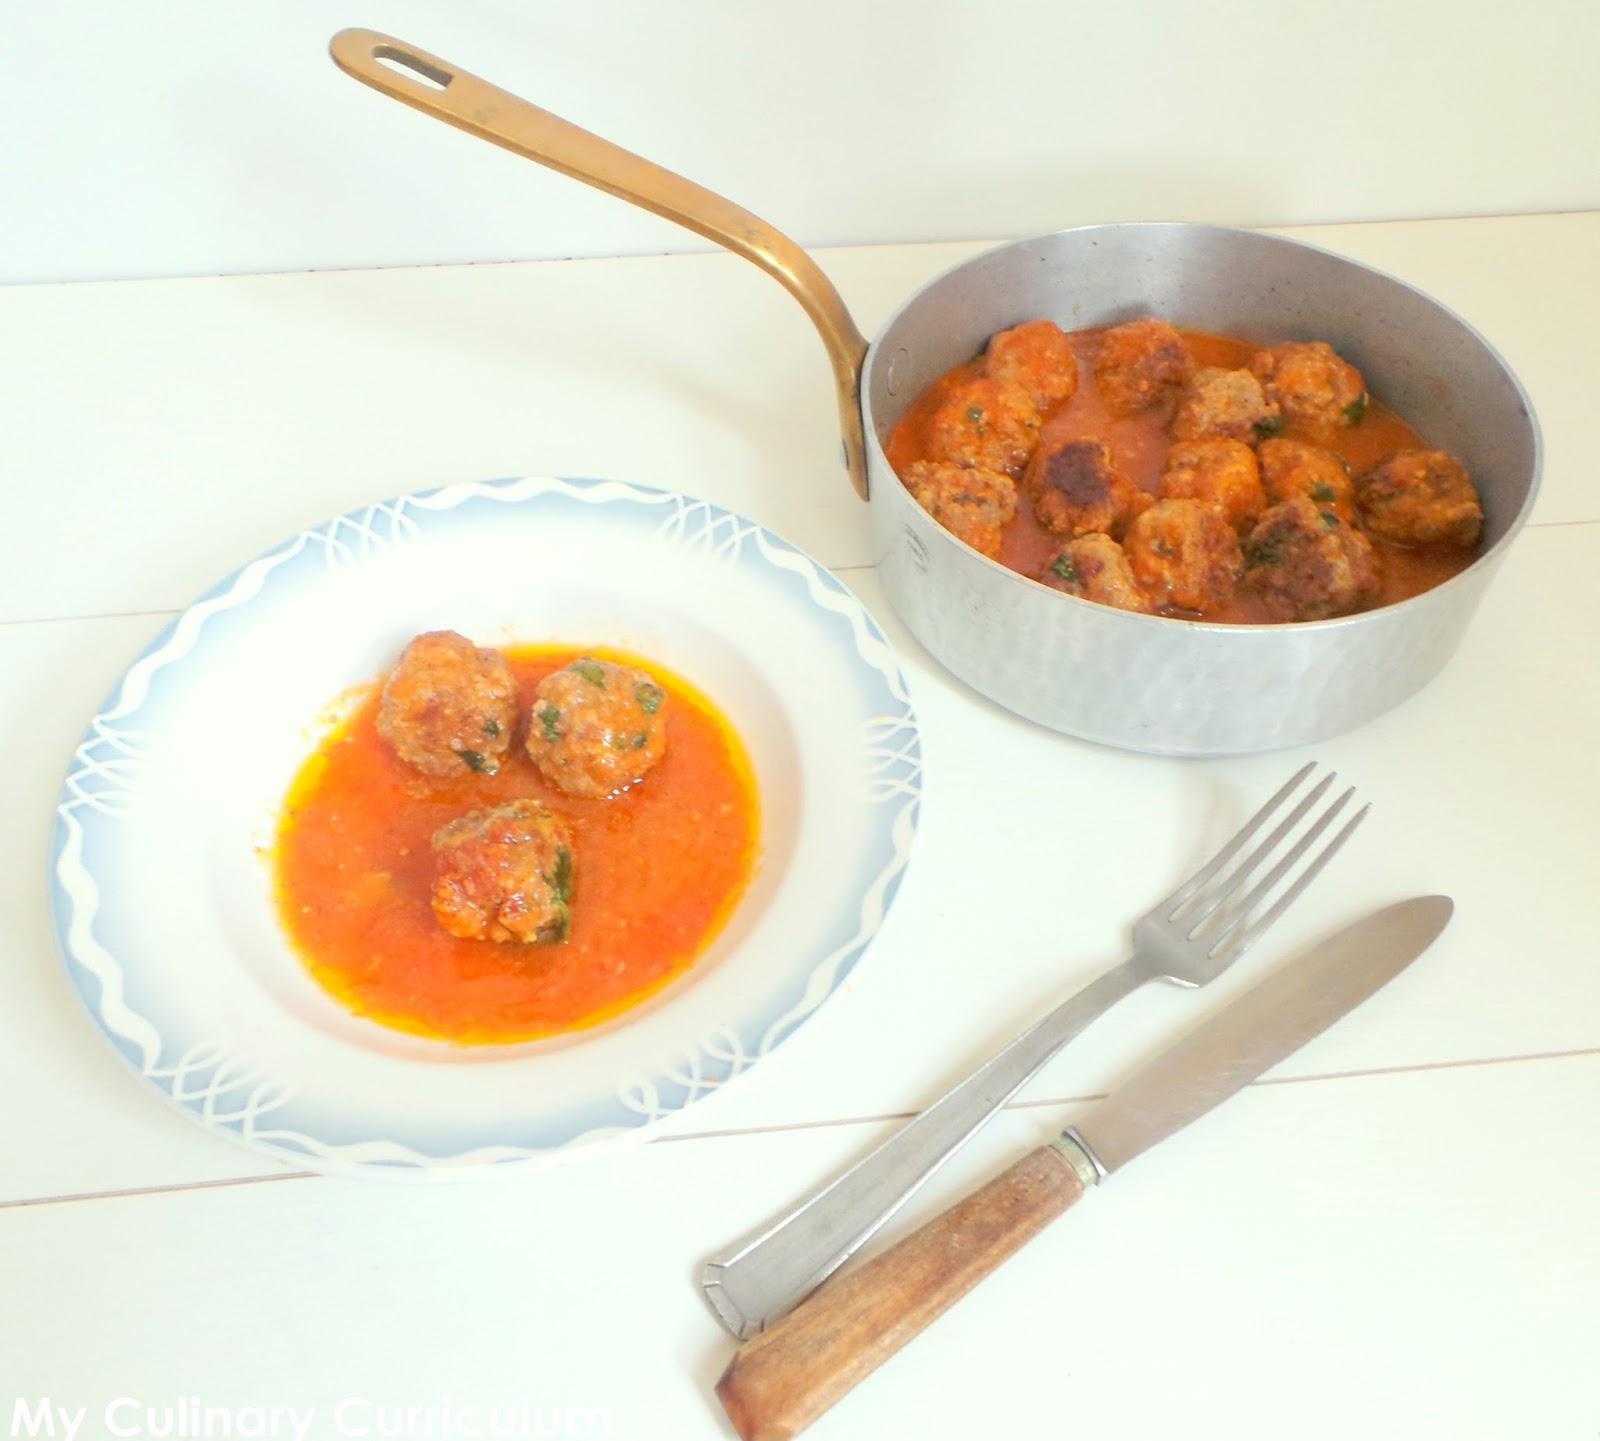 ... : Boulettes de bœuf aux merguez (Beef and merguez meatballs